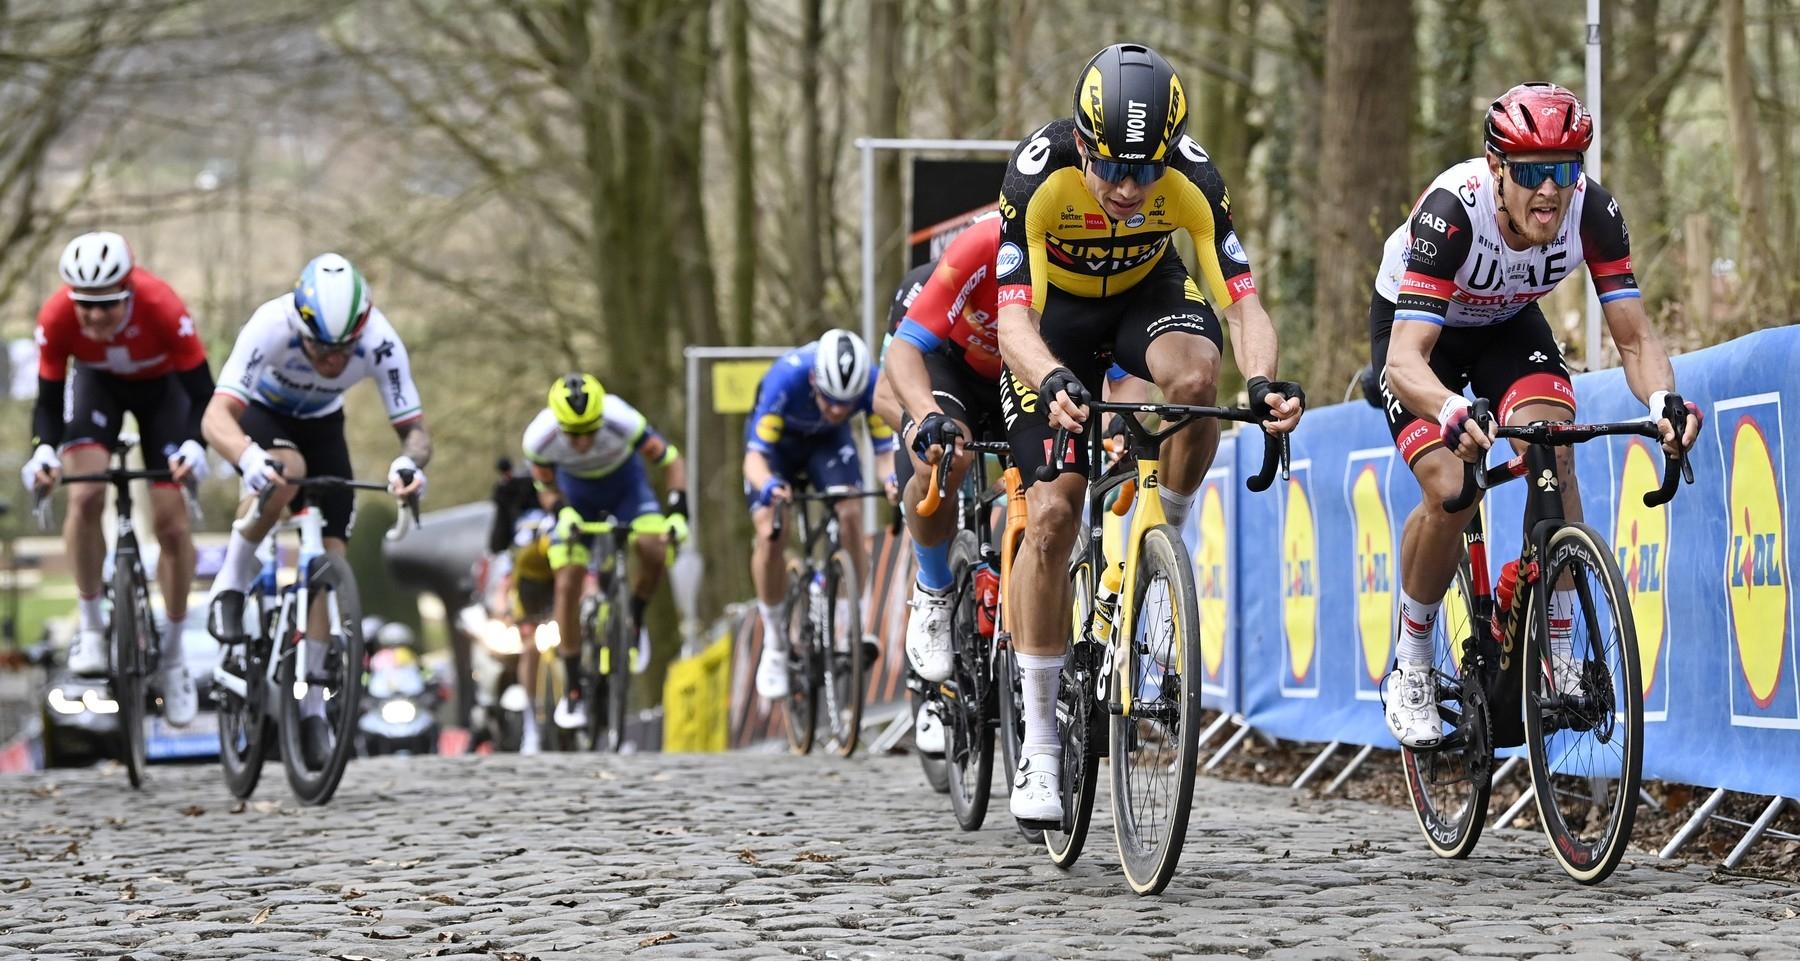 Wouv van Aert se žena za vítěztvím v klasice Gent Wevelgem. Foto: profimedia